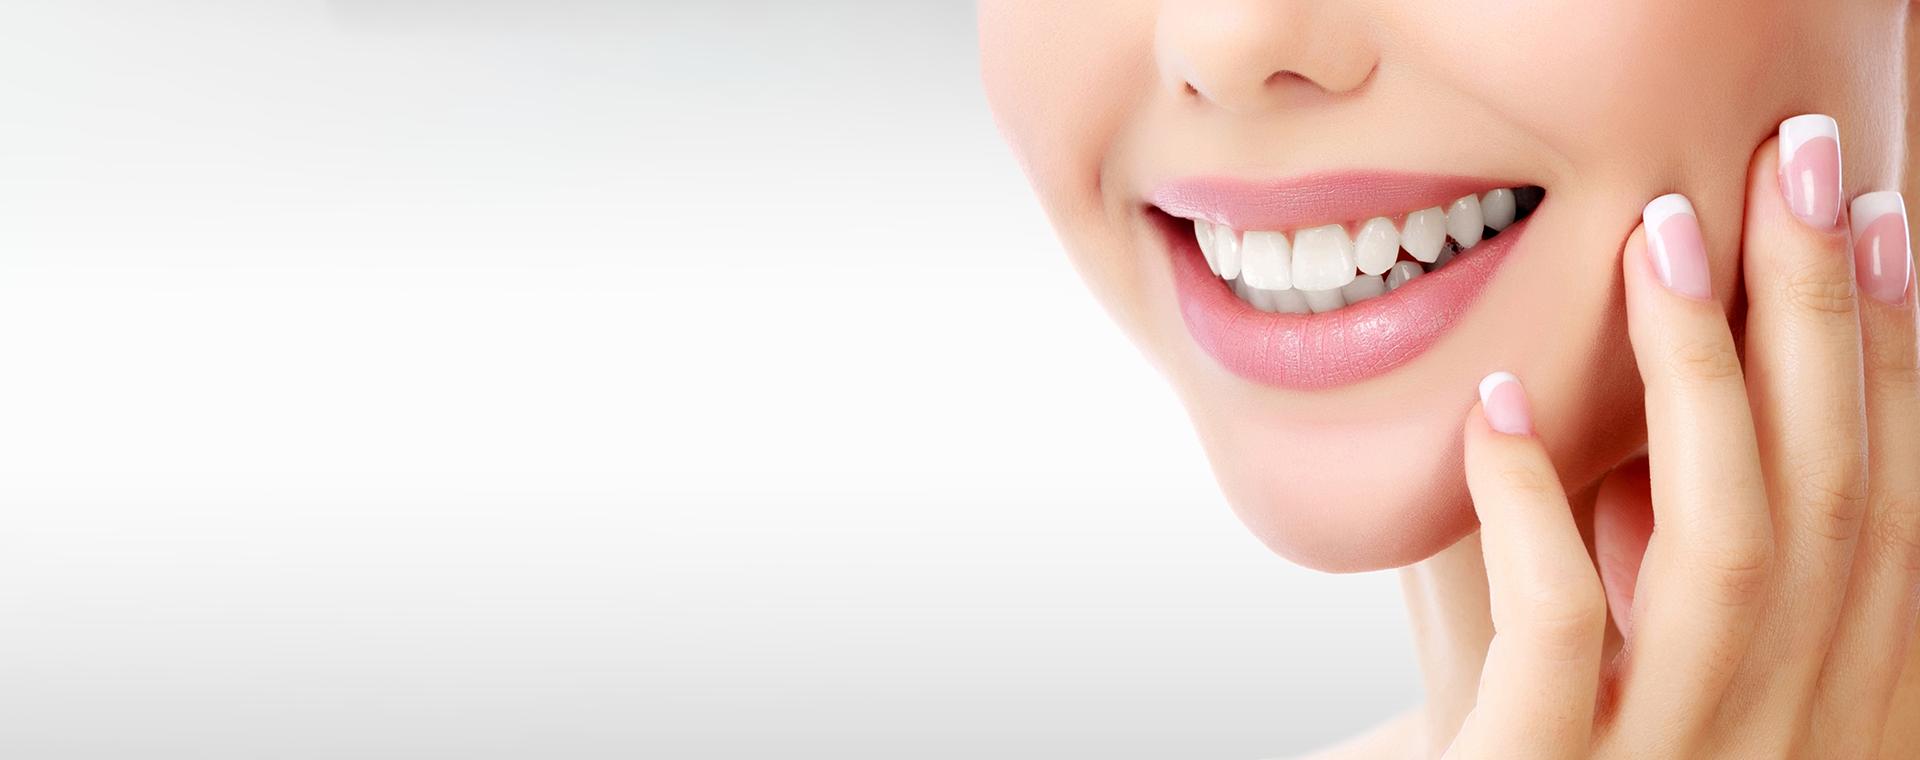 Teljeskürű fogászat ellátás